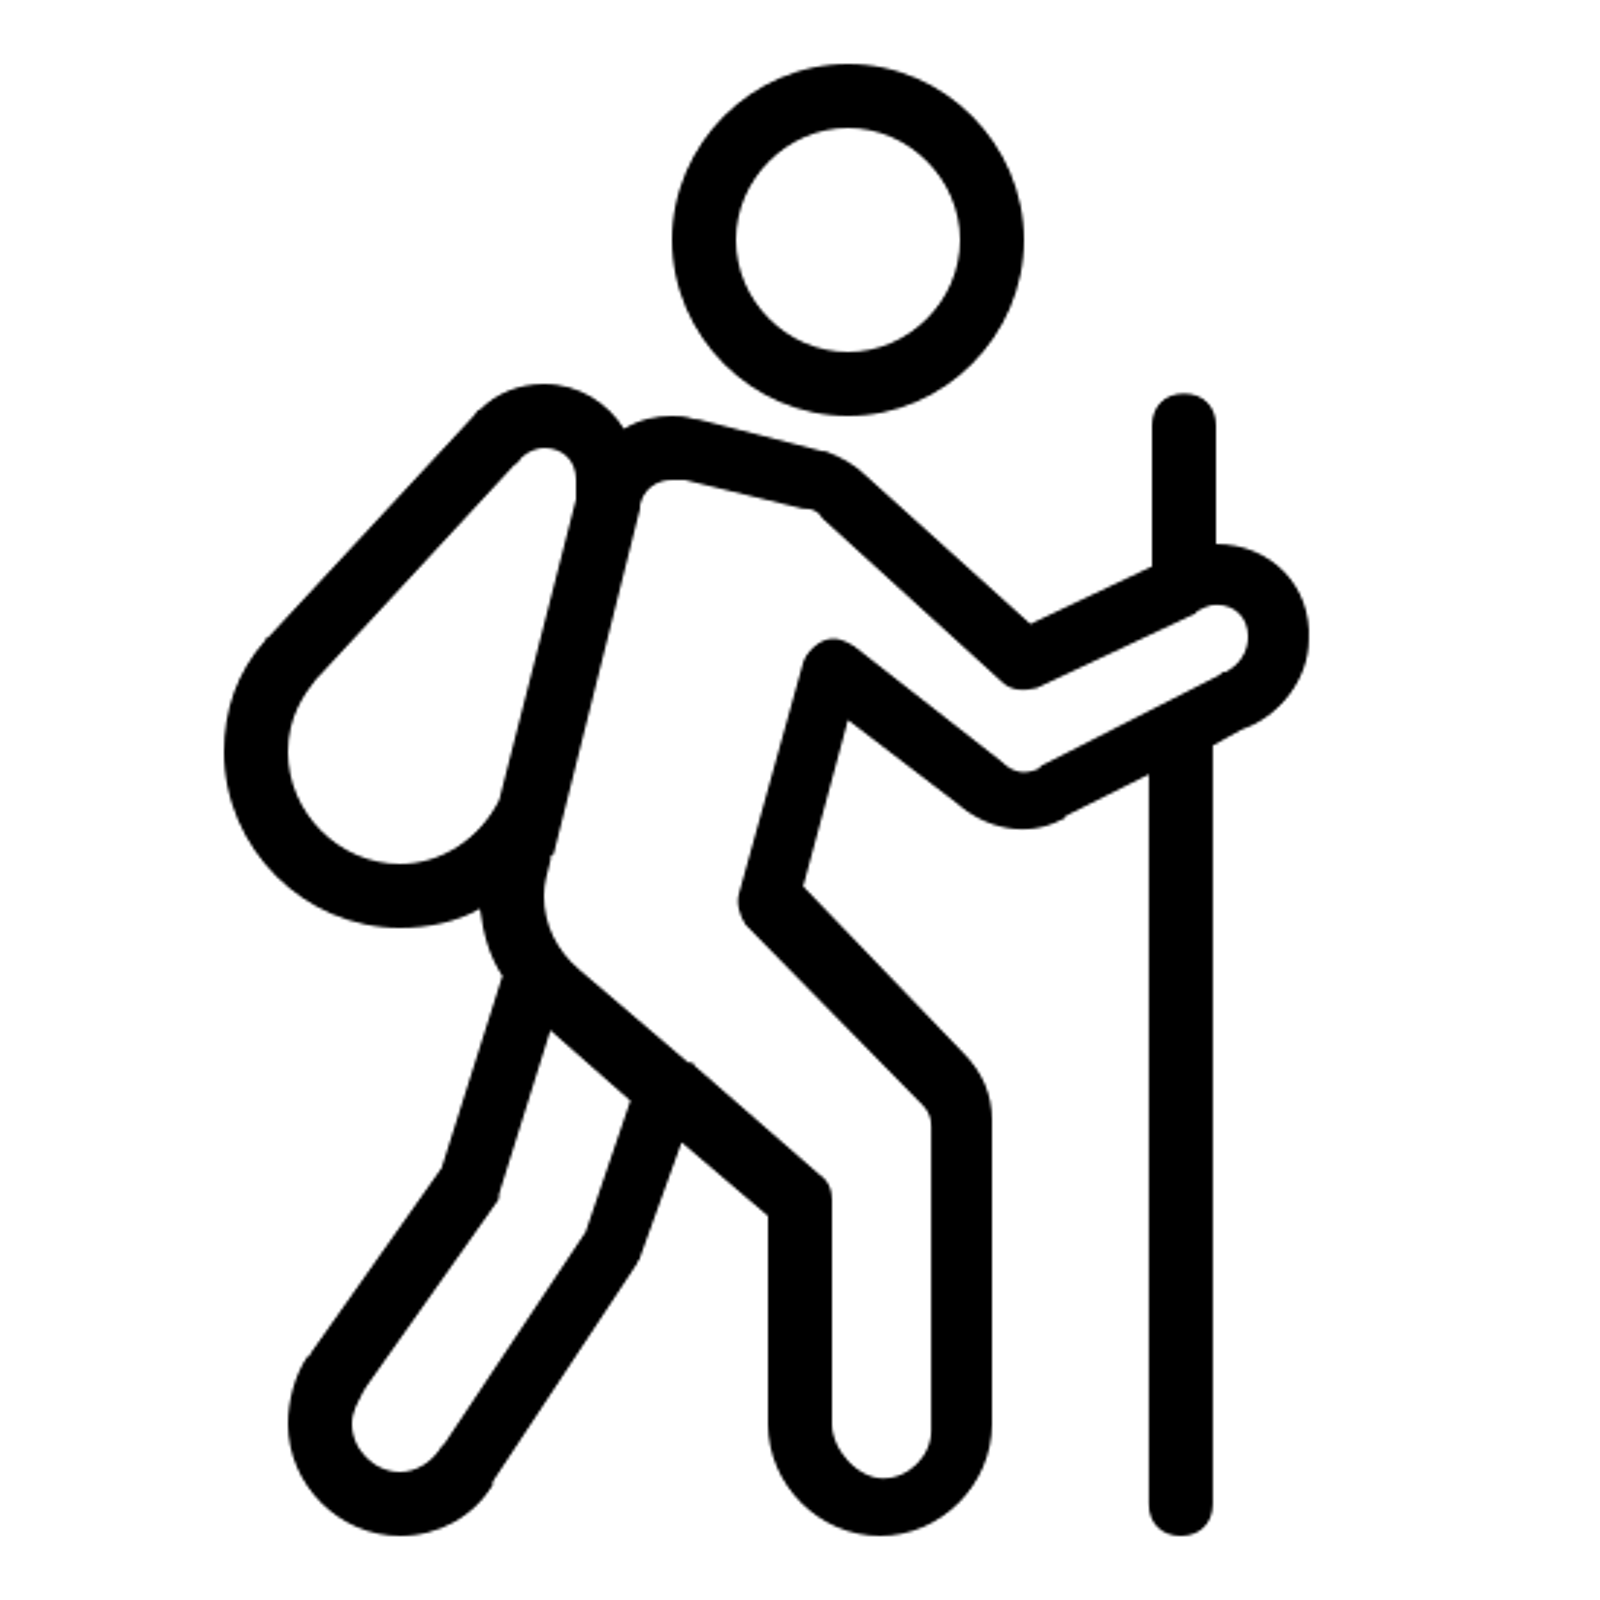 Трекинг icon